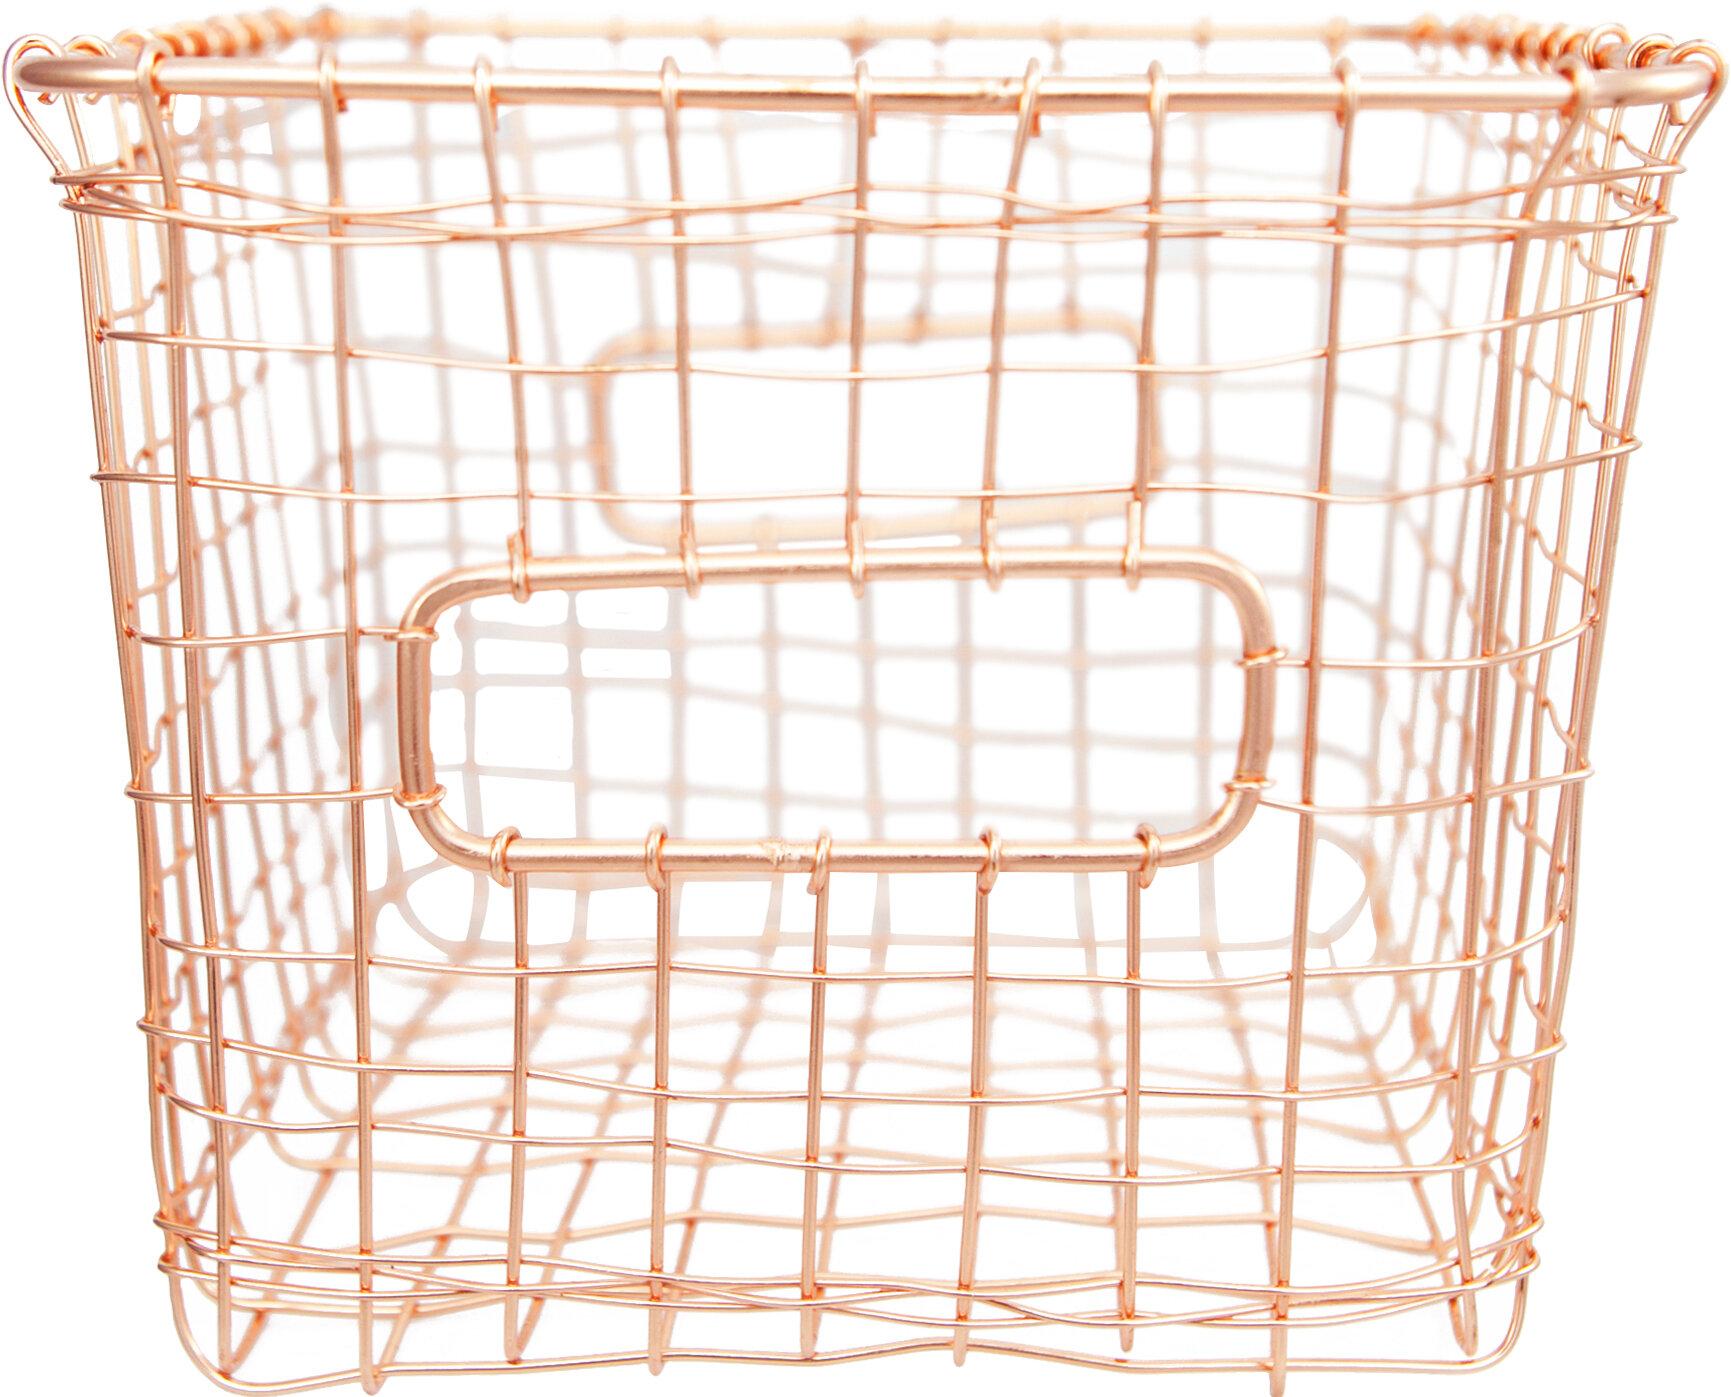 Alchemade Copper Wire Basket & Reviews | Wayfair